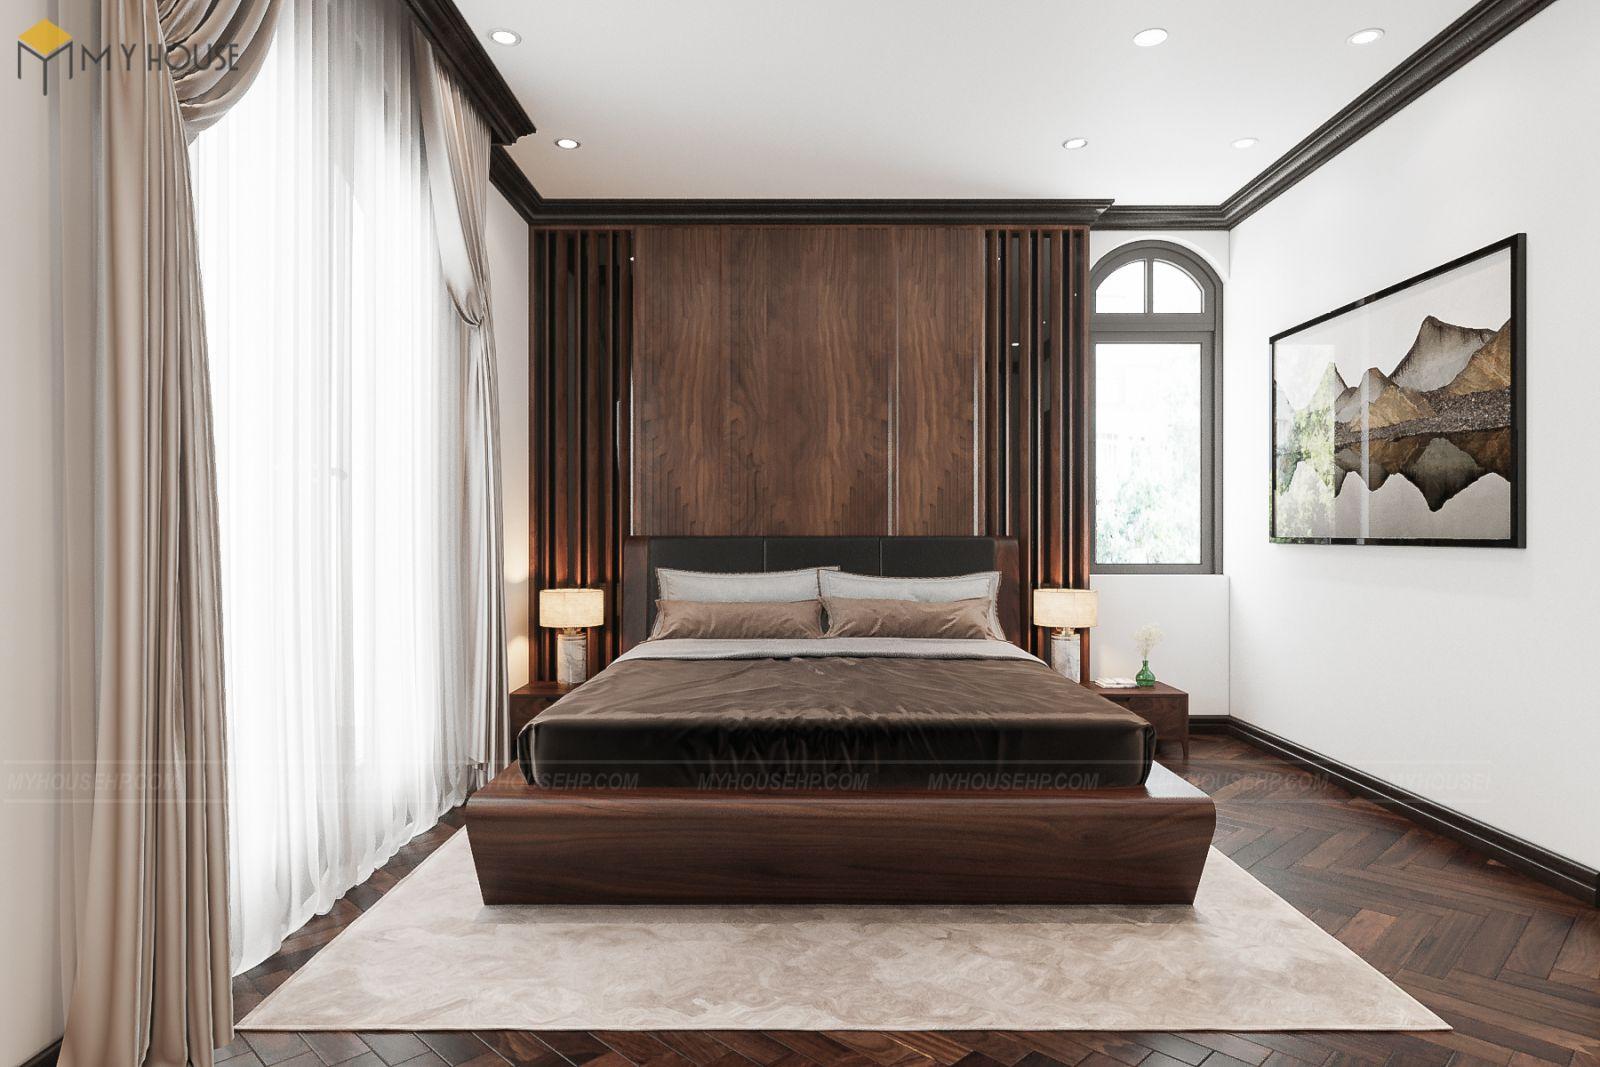 Biệt thự nội thất gỗ óc chó Vinhomes Marina